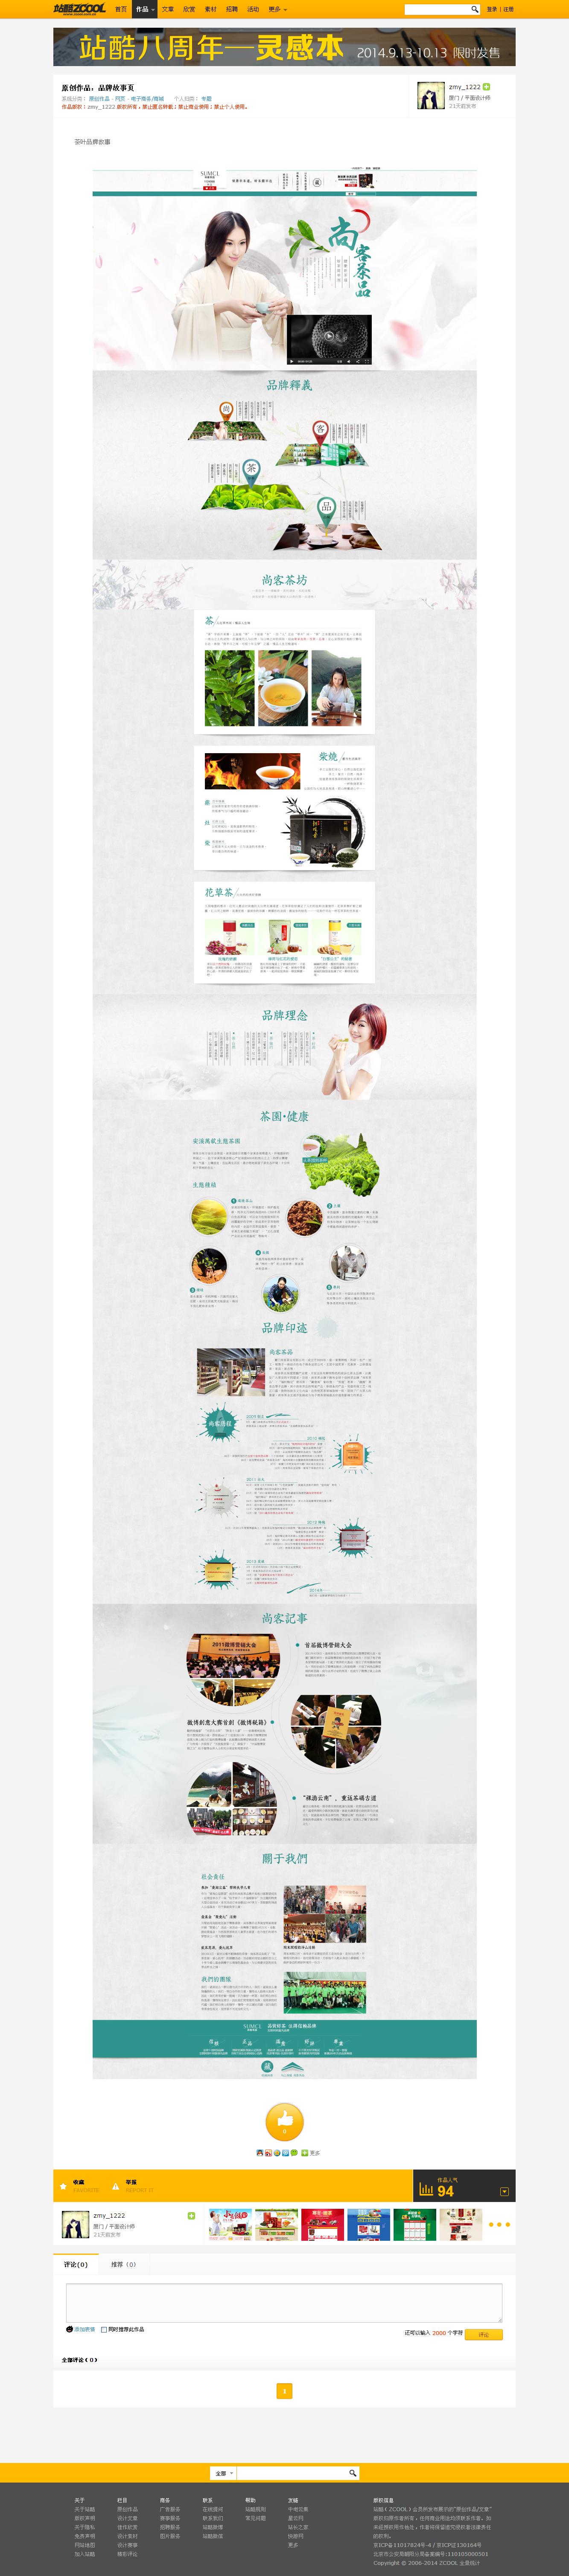 品牌故事页-电子商务-商城-网页